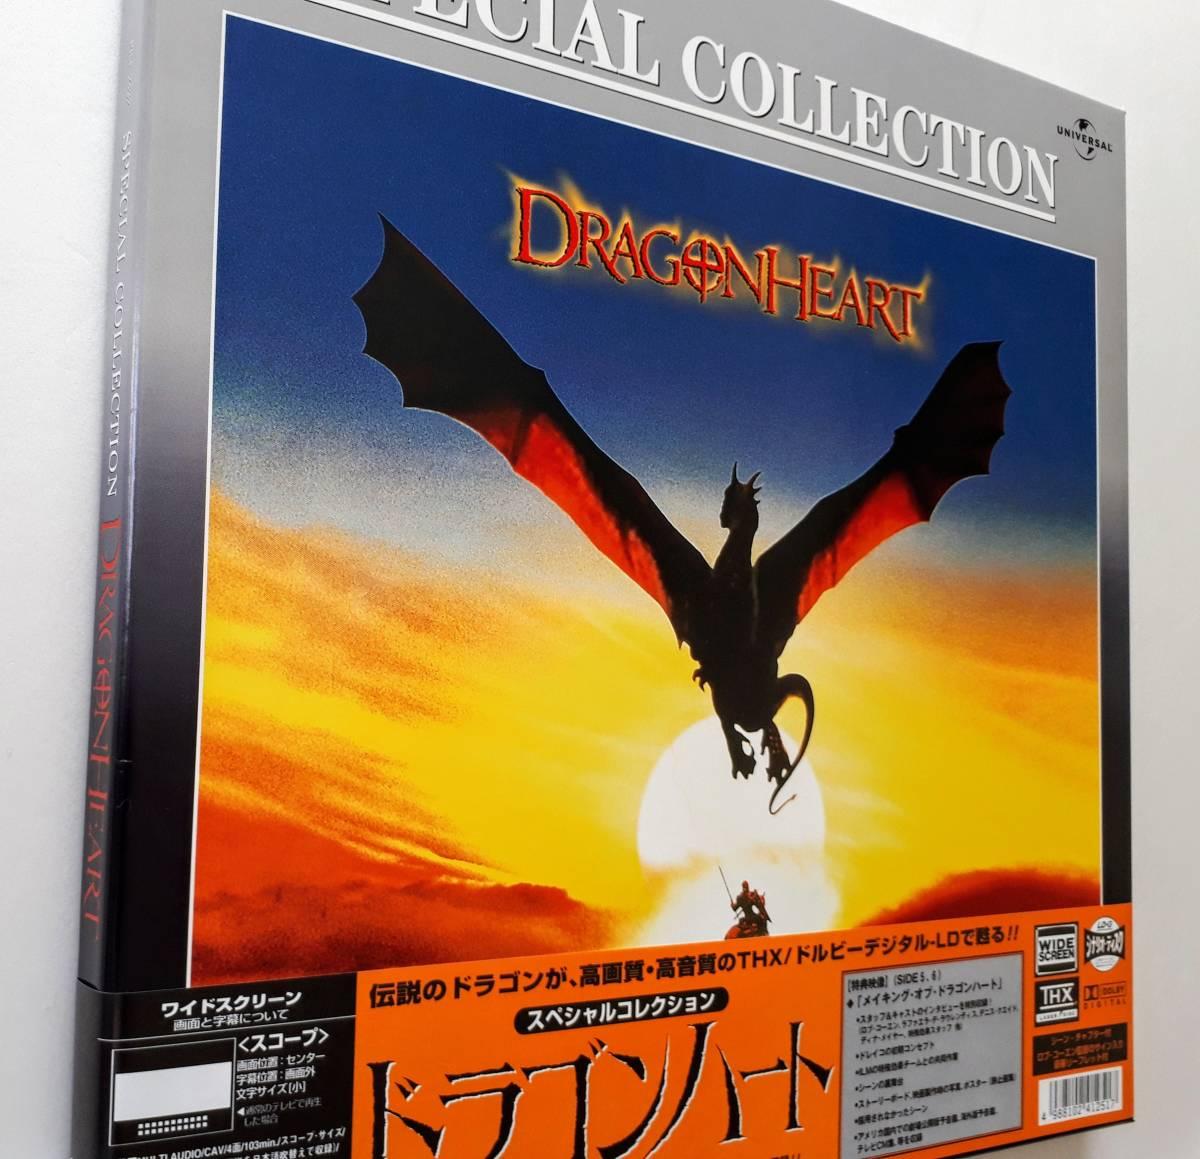 LD BOX 帯 ドラゴンハート スペシャルコレクション レーザーディスク